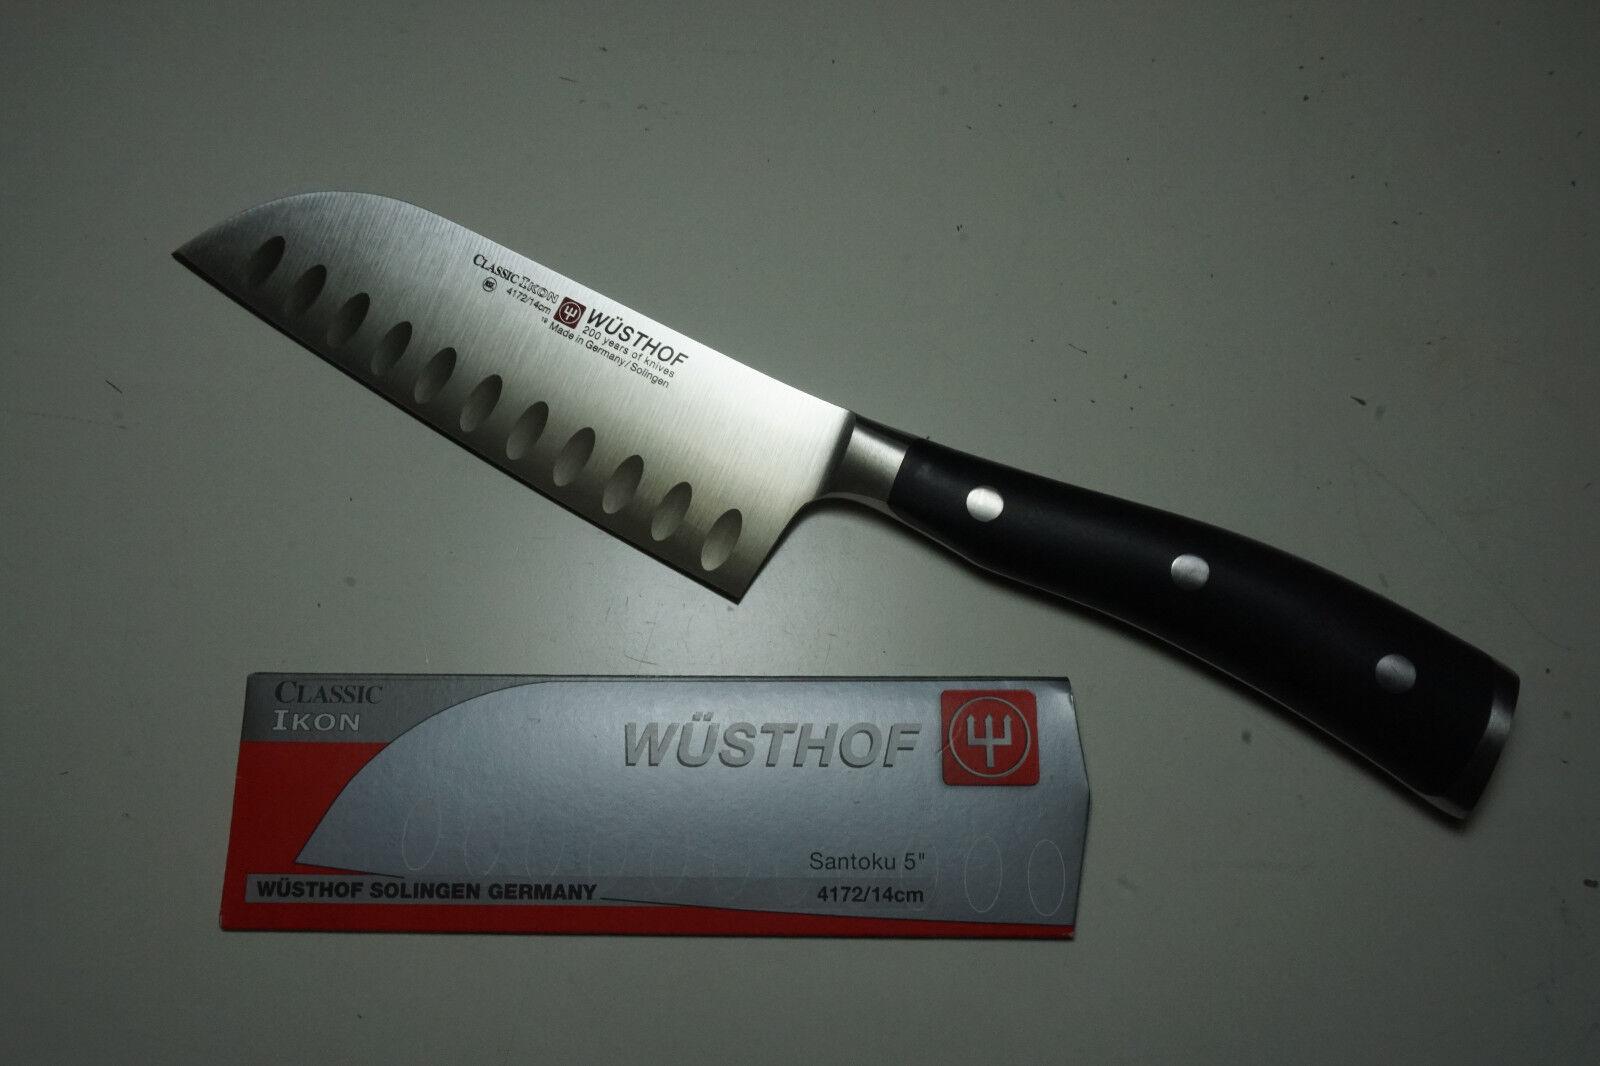 Wusthof 4172-7 Classic Ikon 5-inch Santoku creux EDGE Couteau (Dec09-d)